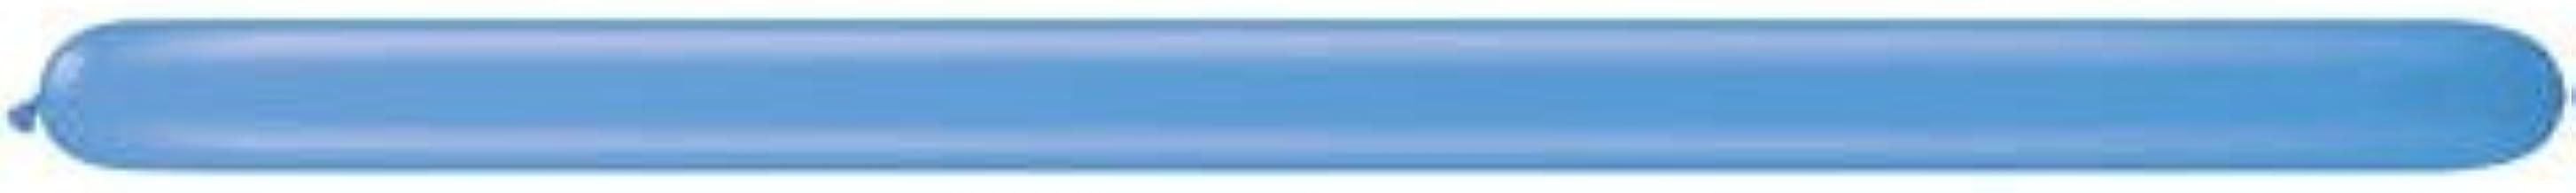 Qualatex ★260Q★ファッションカラー(単色)約100入 ペリウィンクル 【風船 バルーン】【マジックバルーン】 【ペンシルバルーン】【ツイストバルーン】【バルーンアート】【縁日】【お祭り】